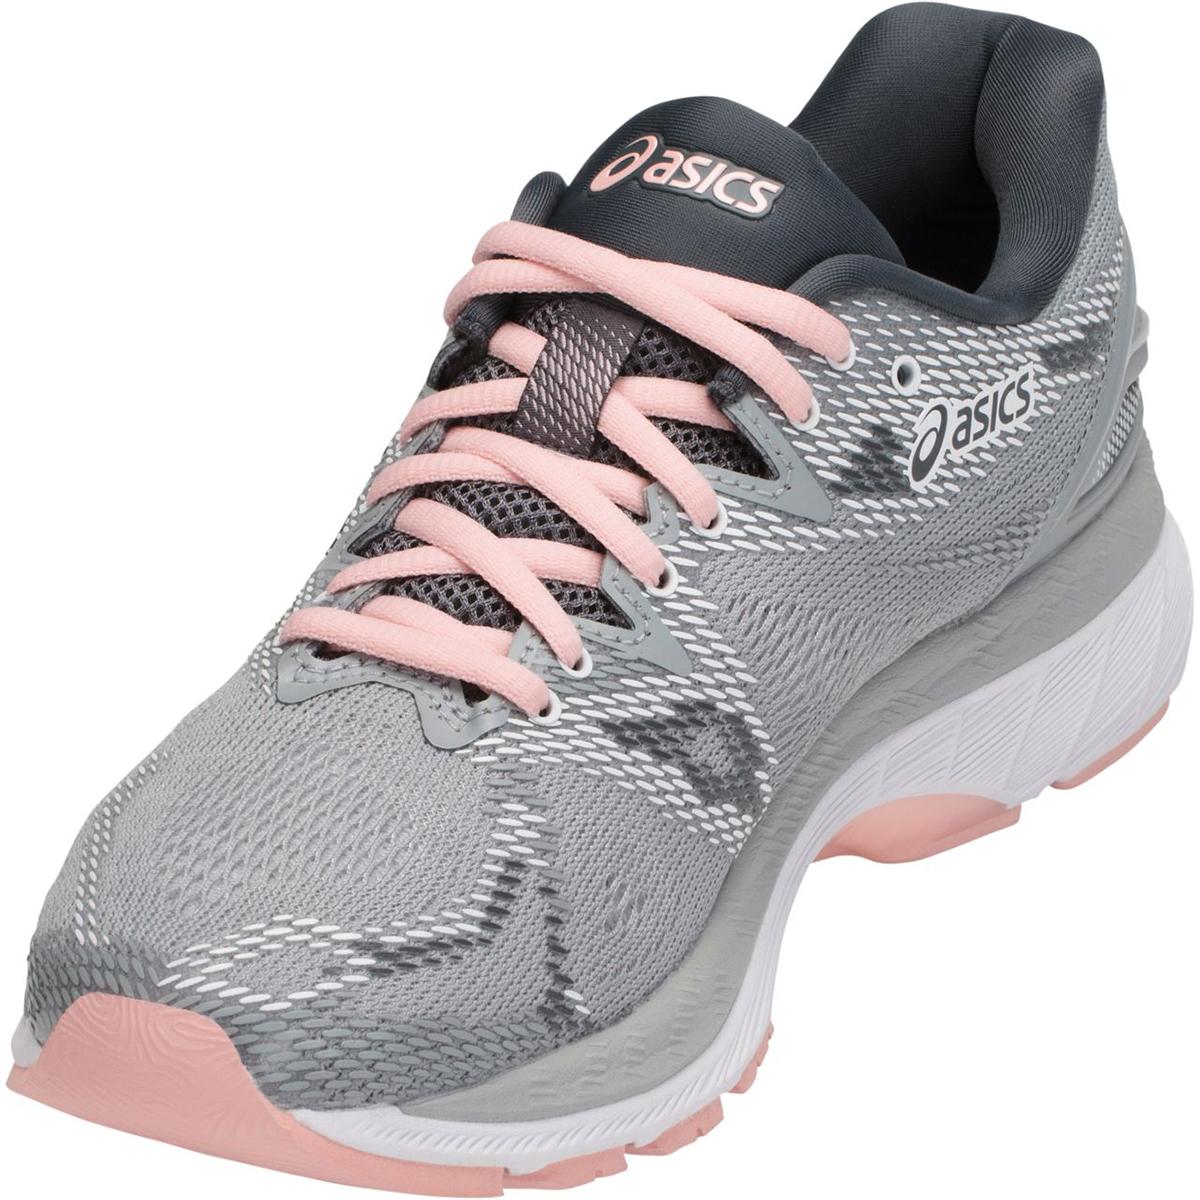 GEL-Nimbus 20 Running Shoes